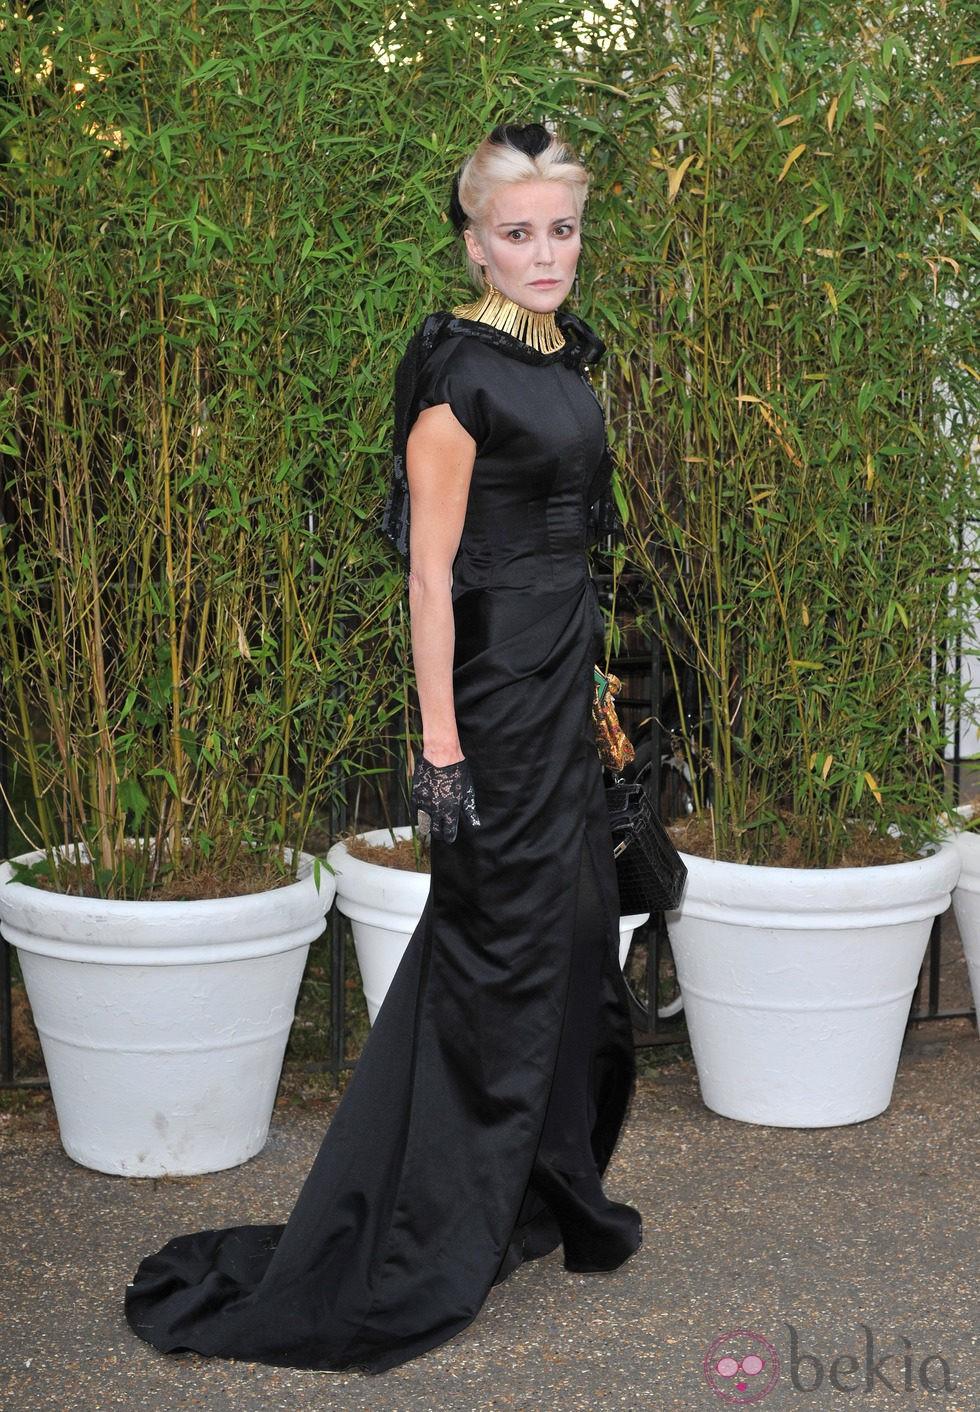 Daphne Guinness en una fiesta celebrada en los jardines del Palacio de Kensington